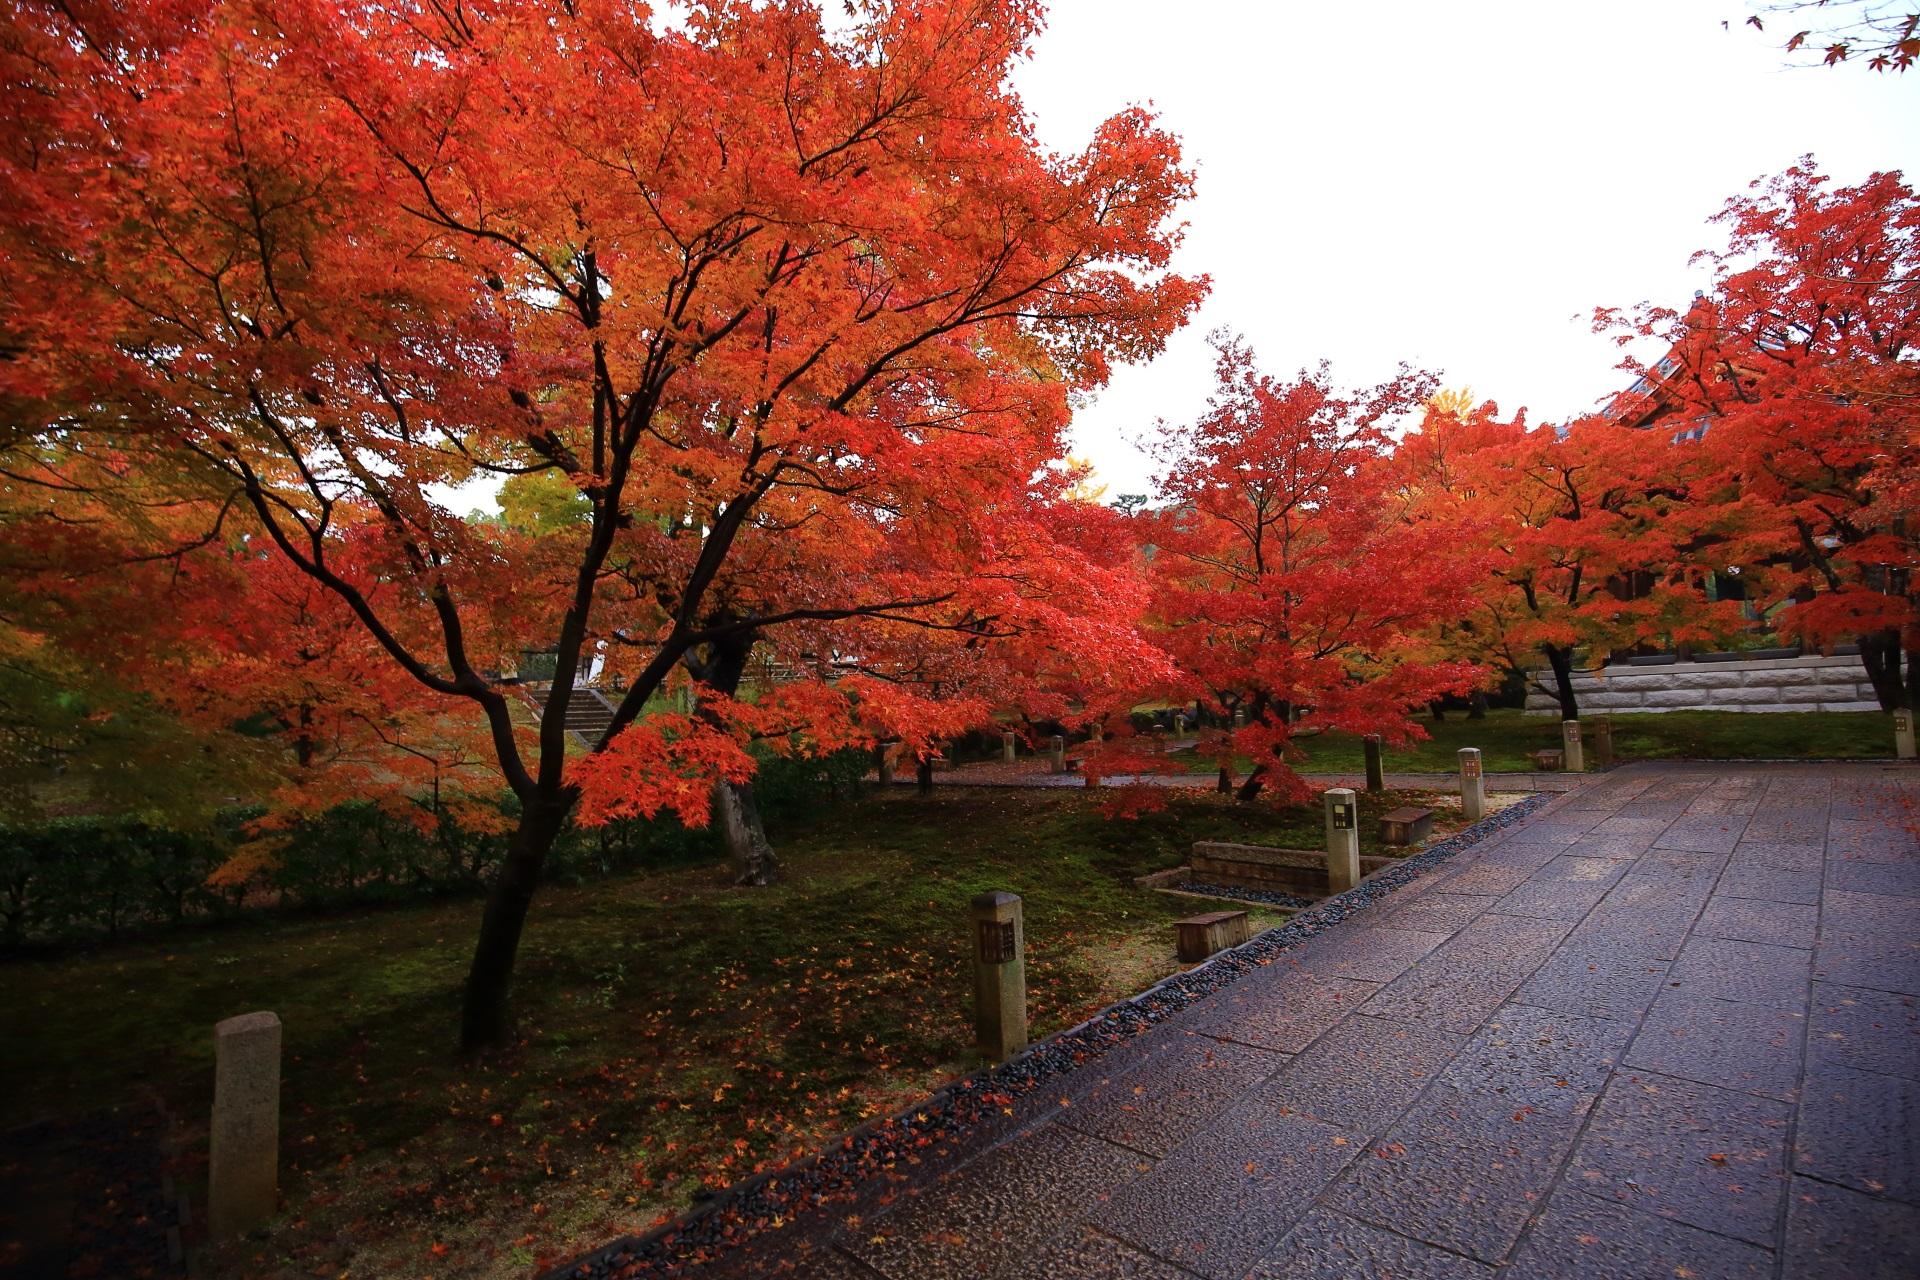 智積院の雨で潤う秋色の空間